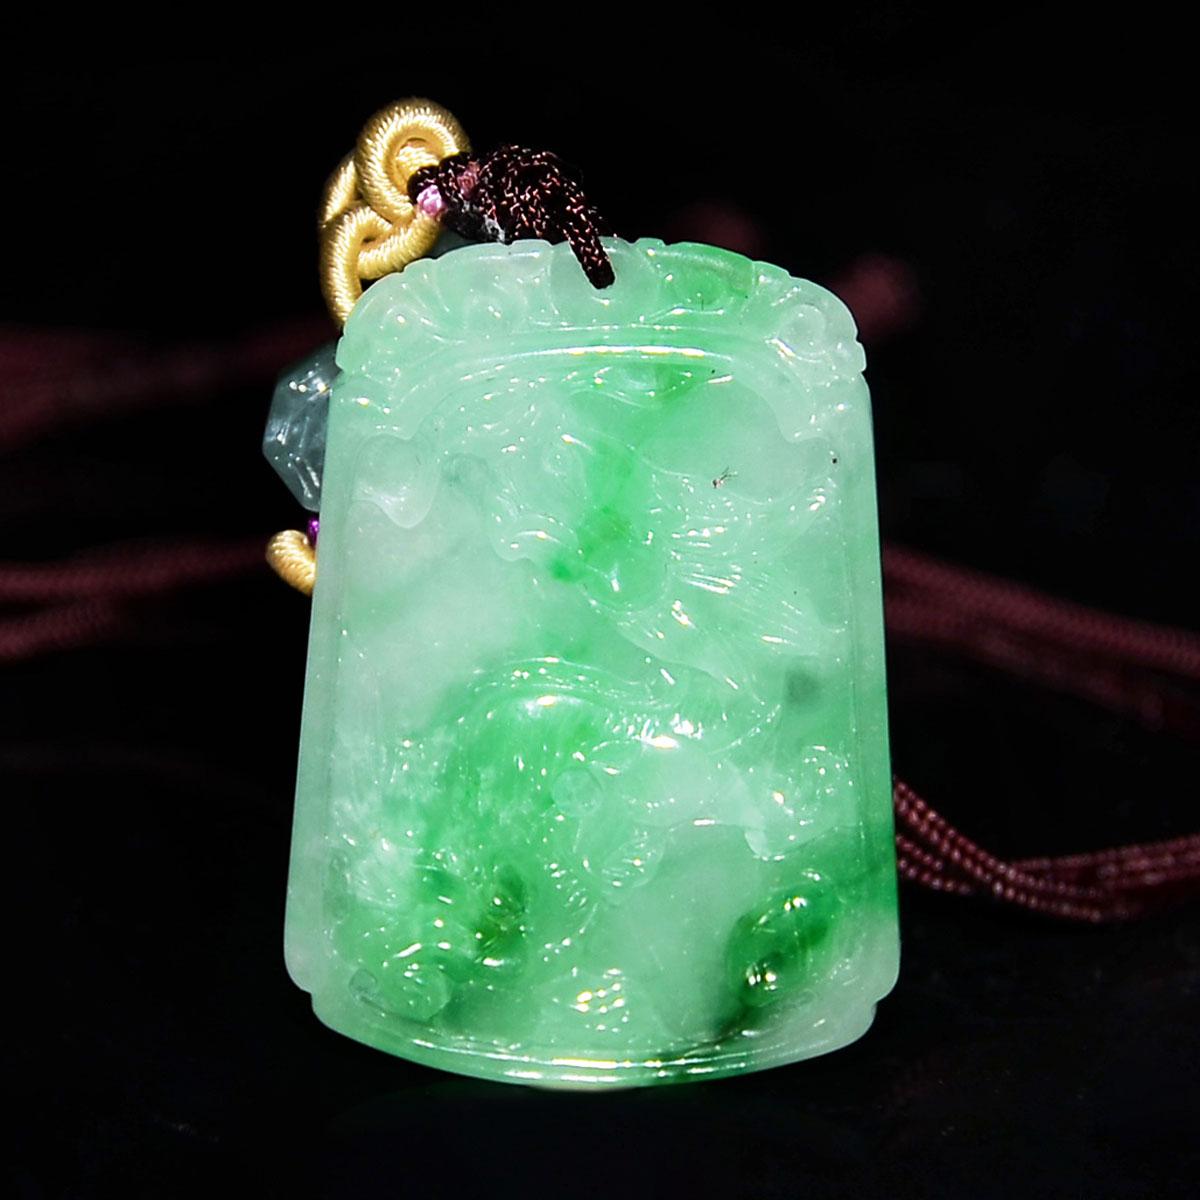 翡翠雙面雕如意遊龍掛飾連珠鏈 A Jadeite Pendant Carved on Both Sides with Dragon and Ruyi with Bead Necklace.